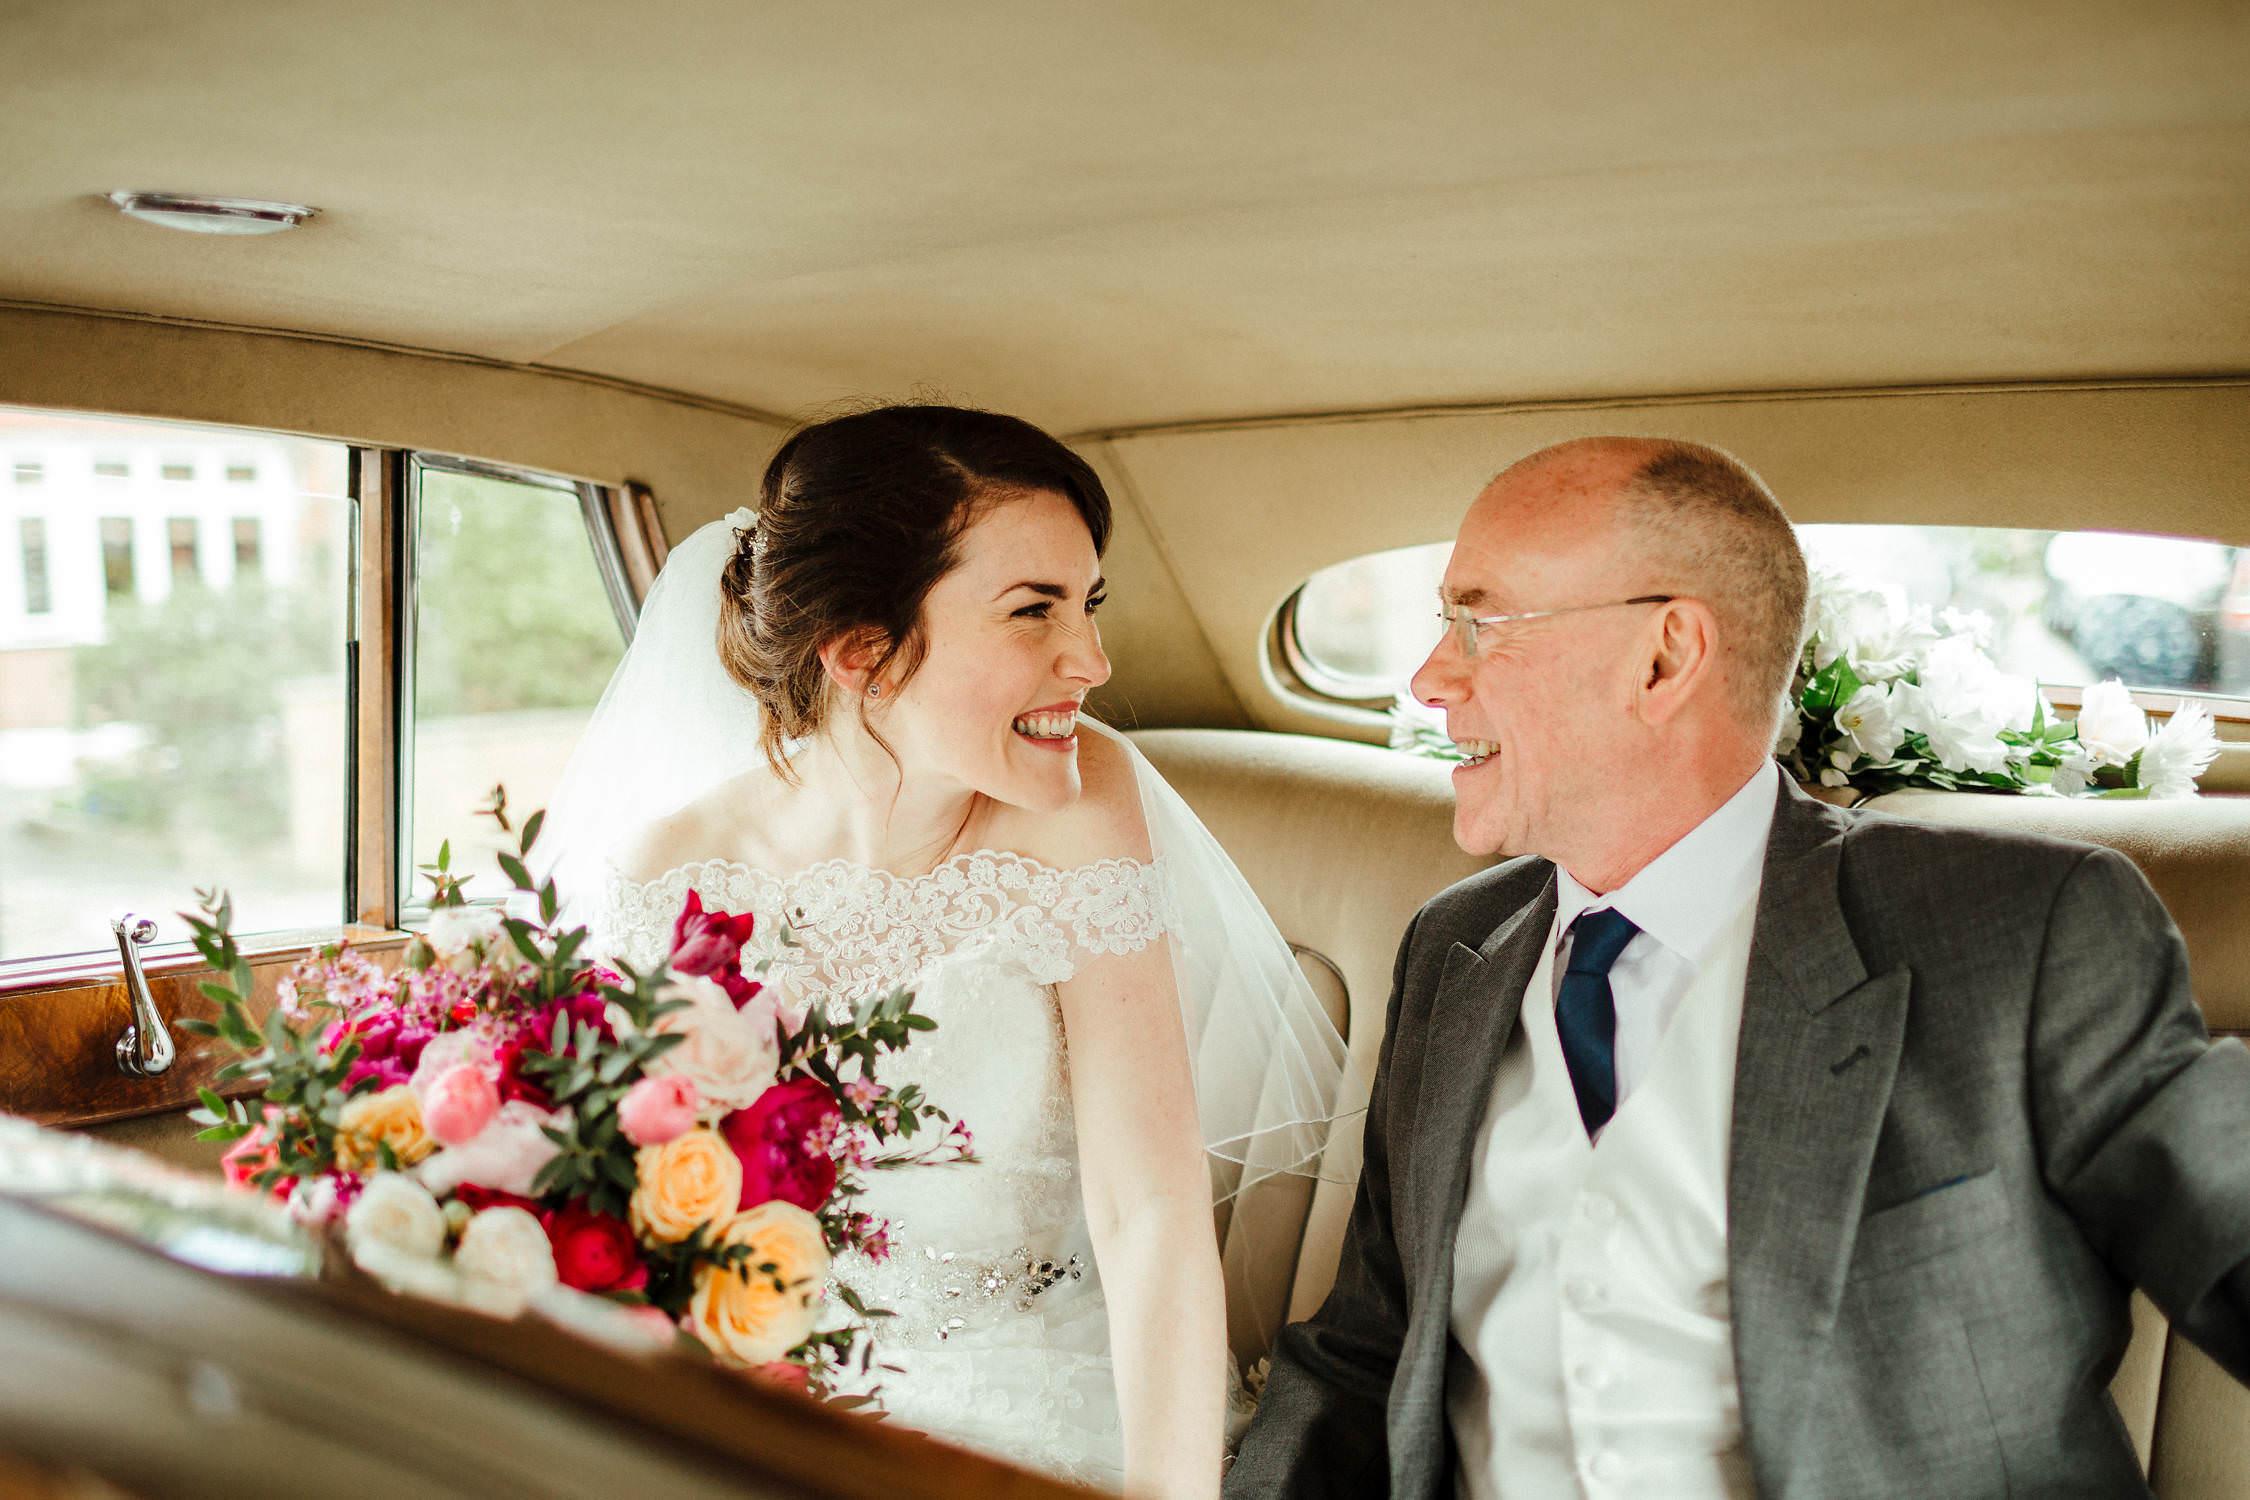 Buckinghamshire-Wedding-Photography-144